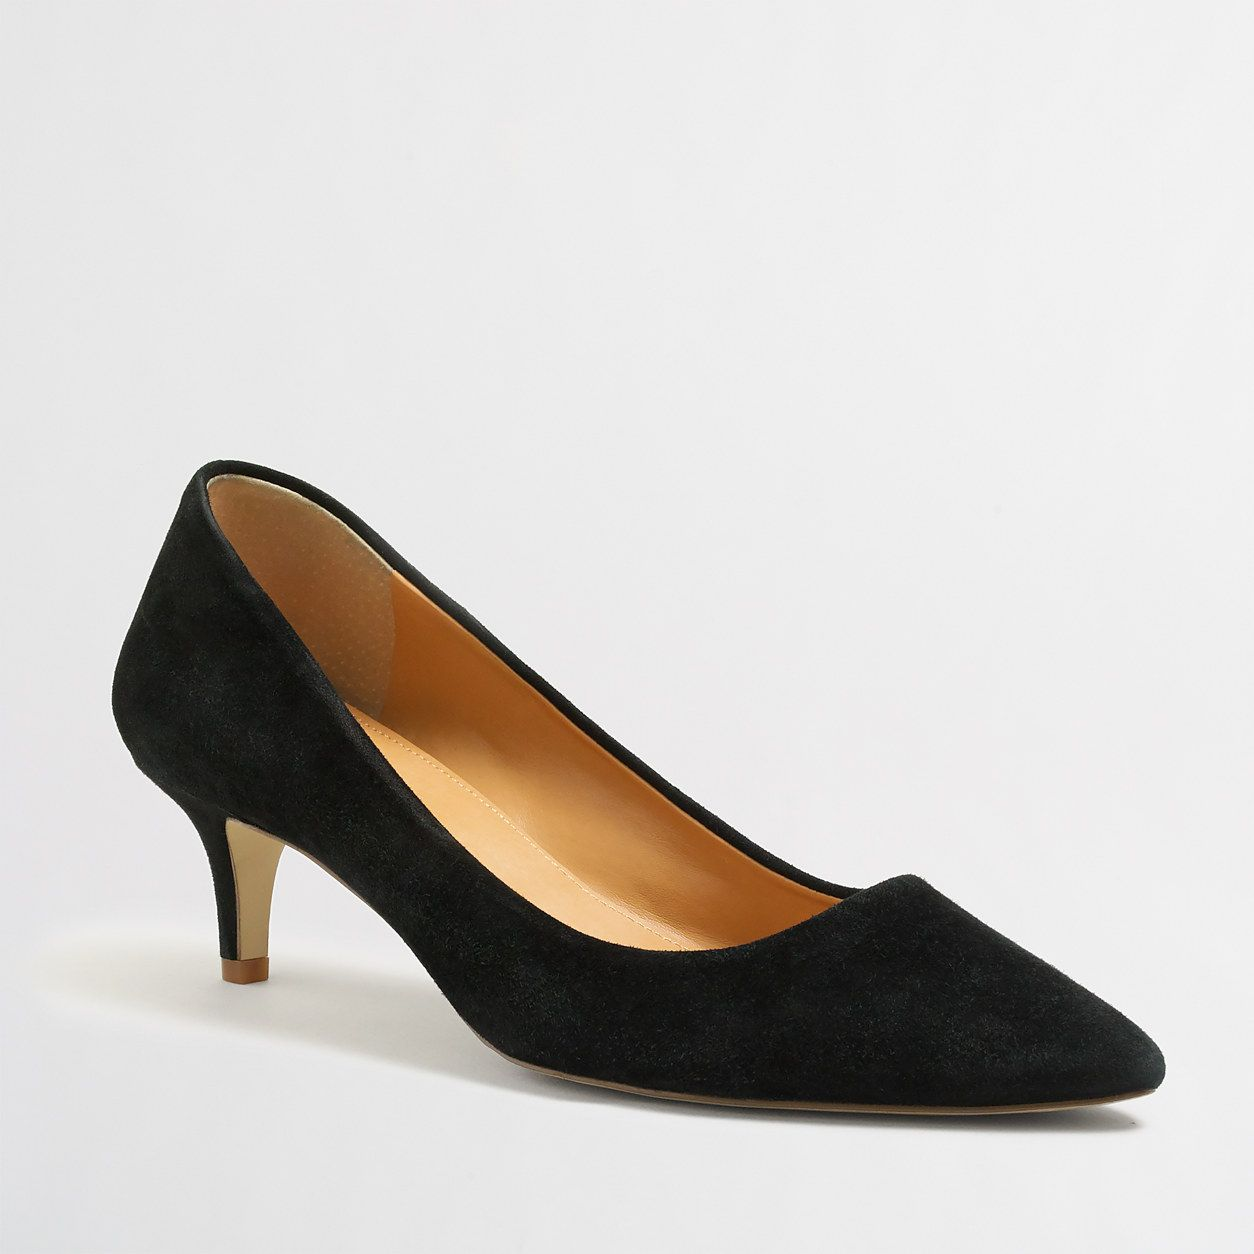 Esme Suede Kitten Heels Heels J Crew Factory Black Kitten Heels Heels Kitten Heels